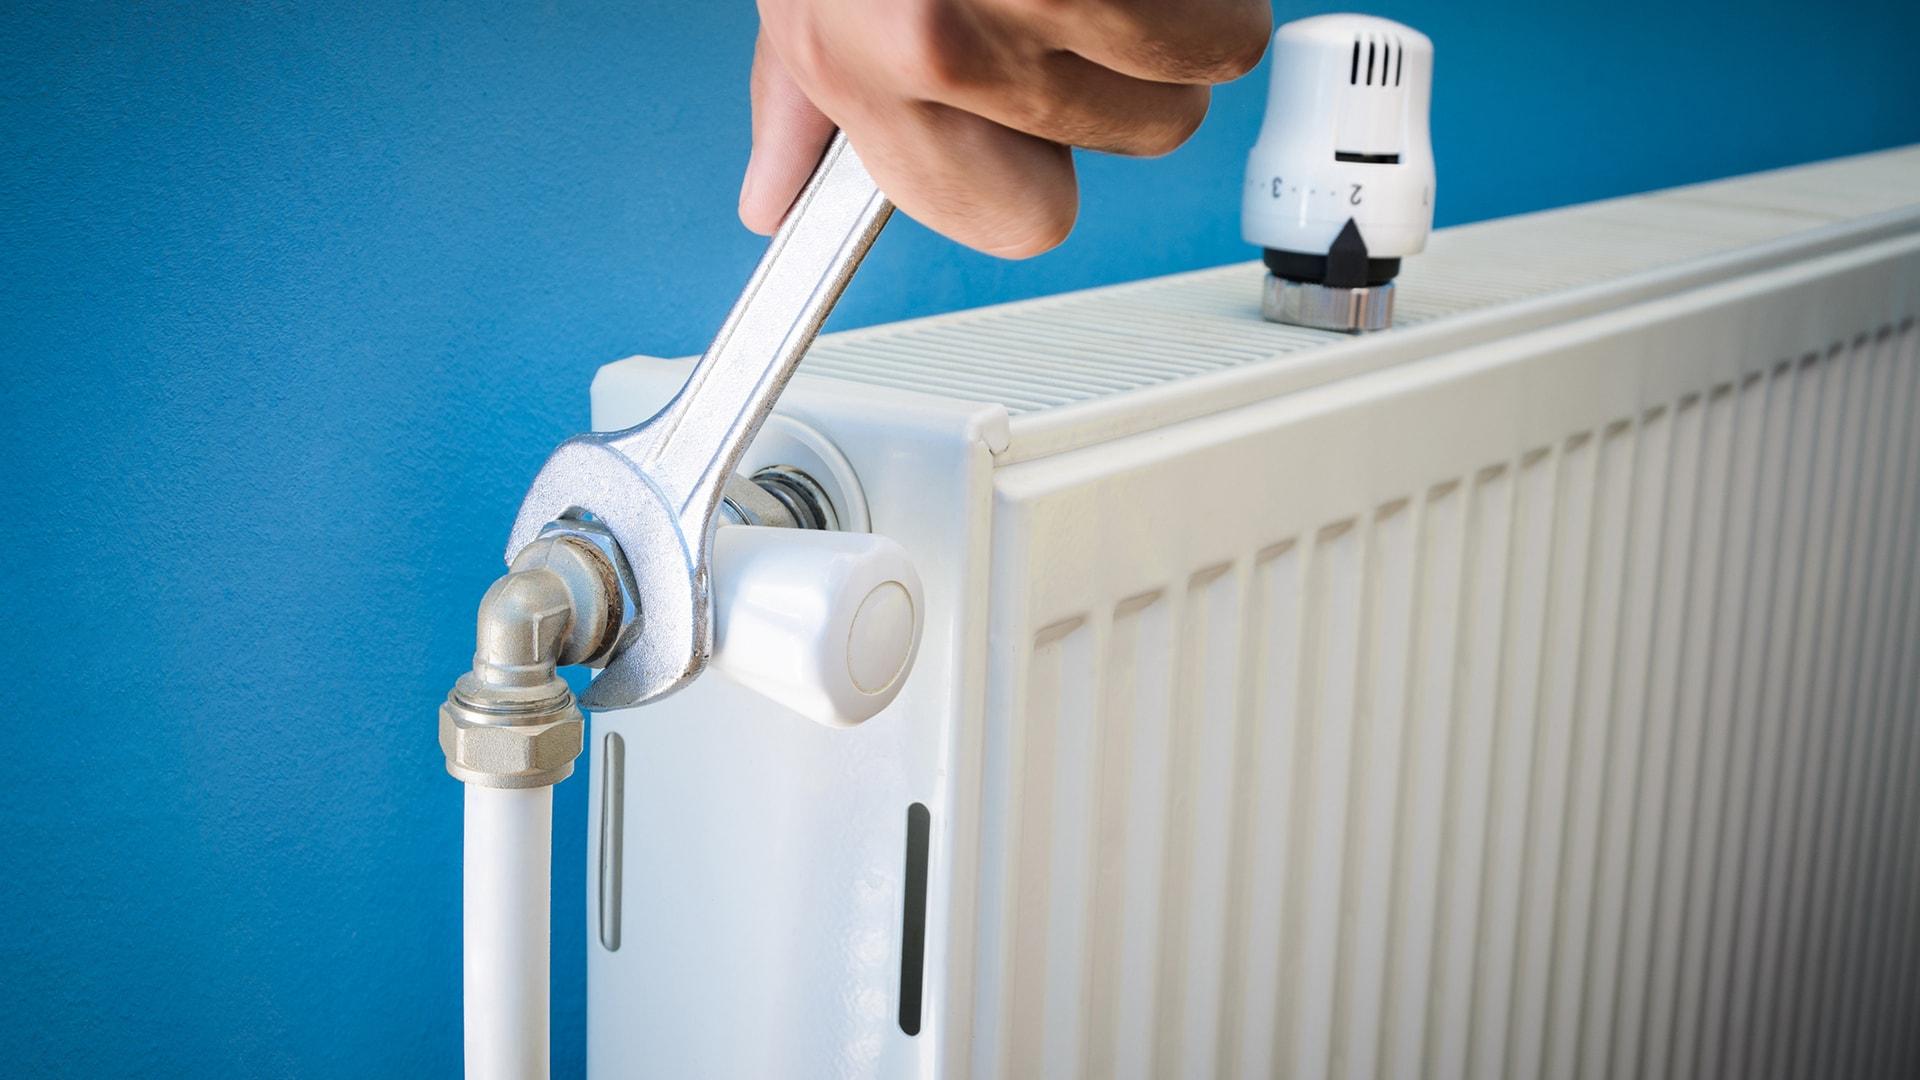 purge et contr le des radiateurs devis et prix propos s. Black Bedroom Furniture Sets. Home Design Ideas